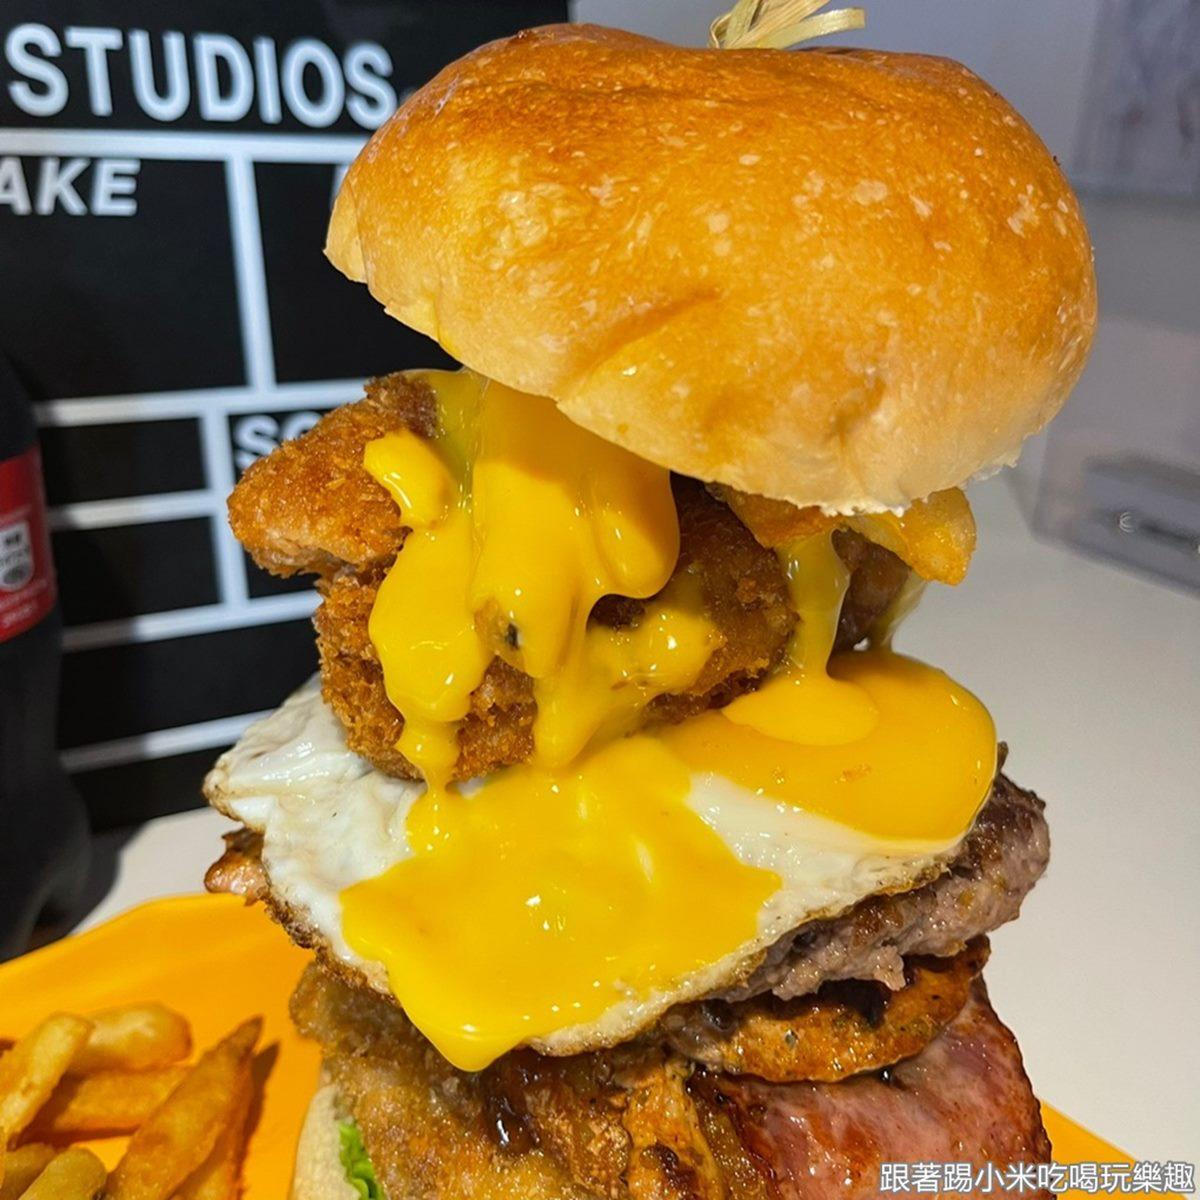 堆到比臉高!超浮誇「手作漢堡」吃得到8種配料,重口味必點「松露牛肉堡」